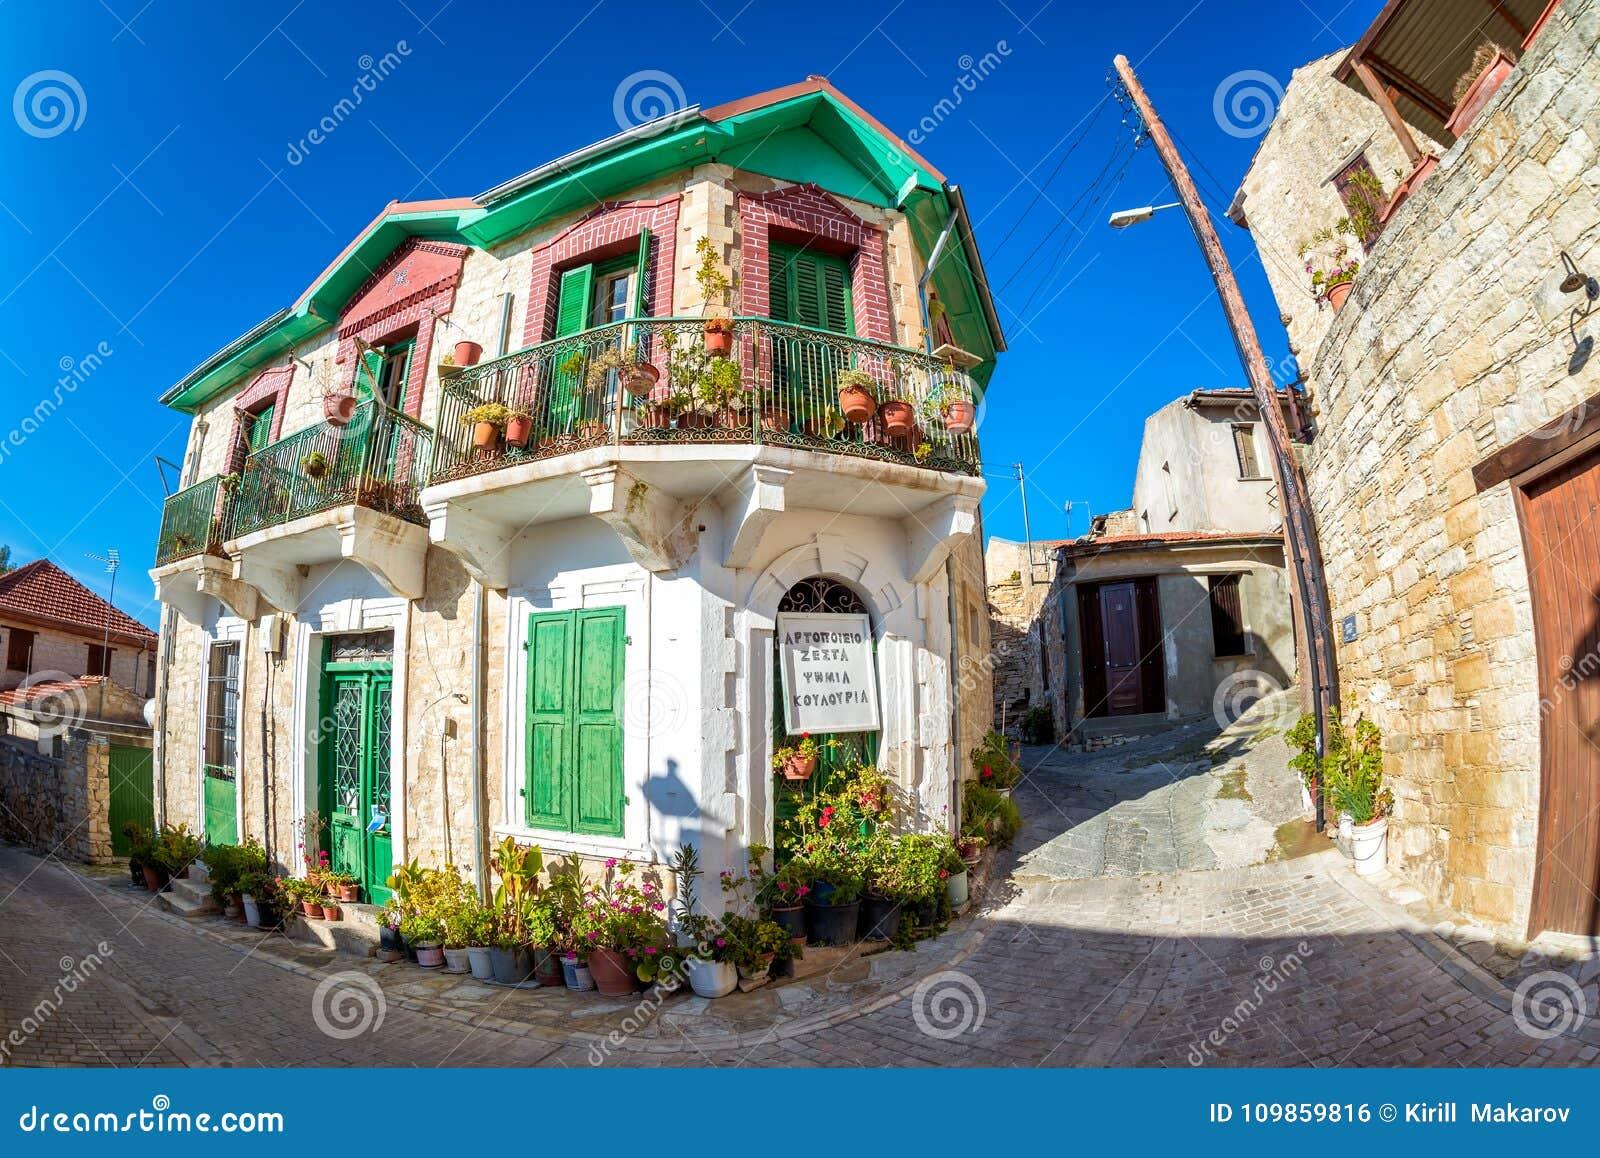 Authentieke kleurrijke mediterrane straat in het dorp van Arsos